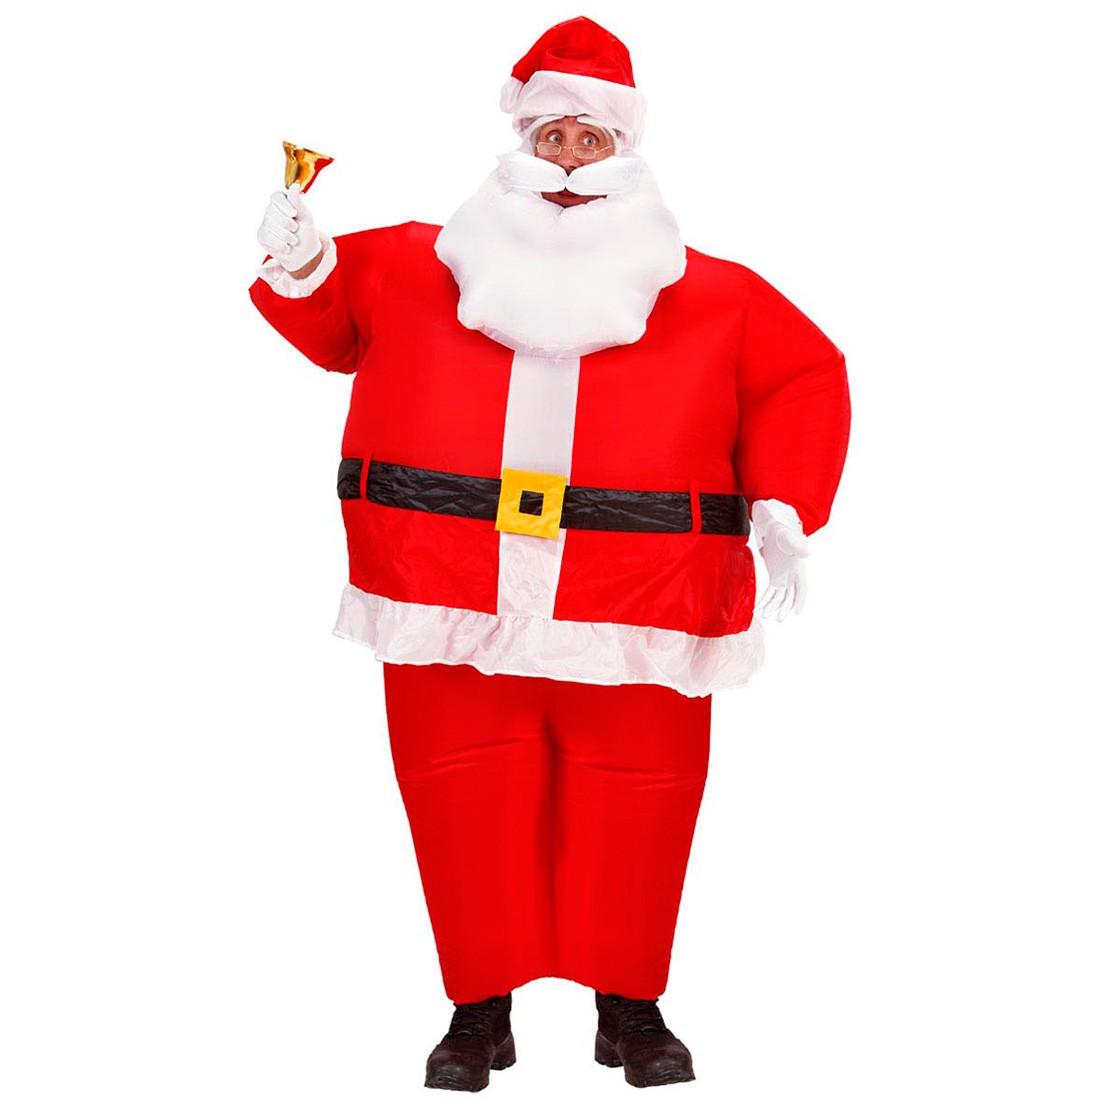 aufblasbares weihnachtsmann kost m nikolaus 43 49. Black Bedroom Furniture Sets. Home Design Ideas